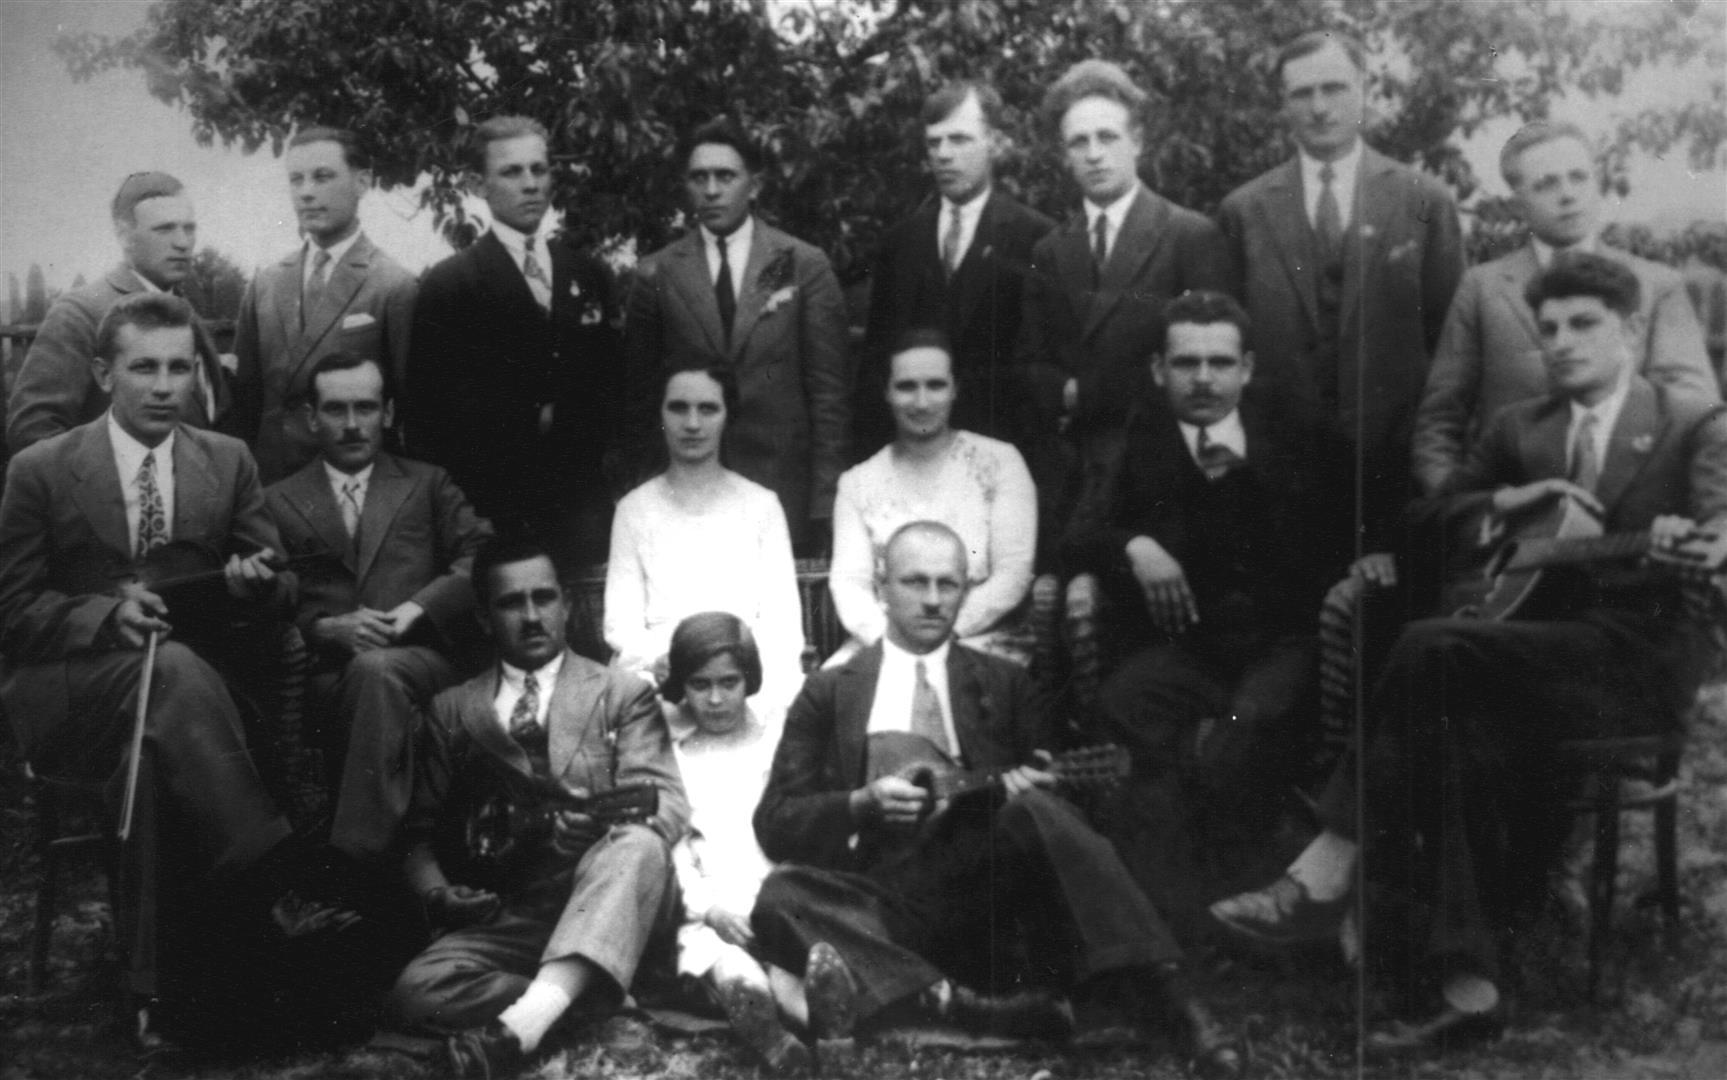 Józef Twaróg ze swym ulubionym instrumentem - skrzypcami (siedzi na krześle pierwszy z lewej) wraz z członkami zespołu muzycznego. W centrum na trawie siedzi ówczesny kierownik szkoły w Księżomierzu - Julian Mazepa. Księżomierz I połowa lat 30-tych XX wieku.